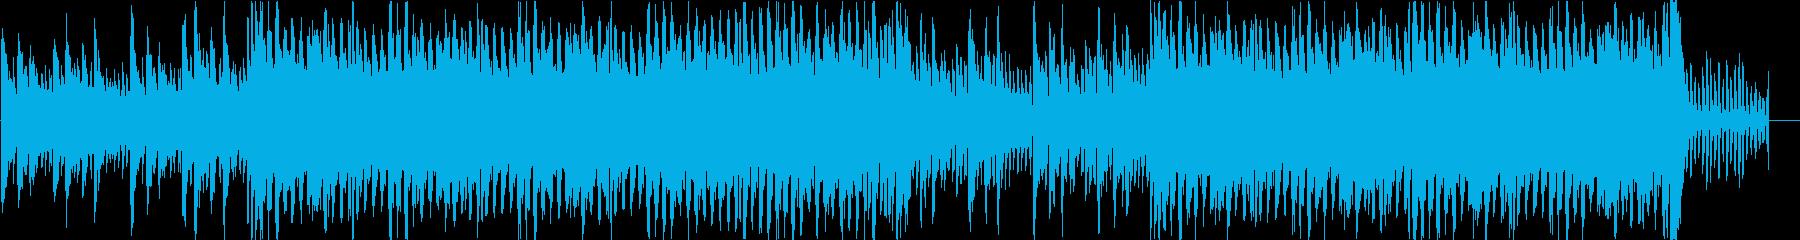 映像に使いやすいミディアムテンポの再生済みの波形